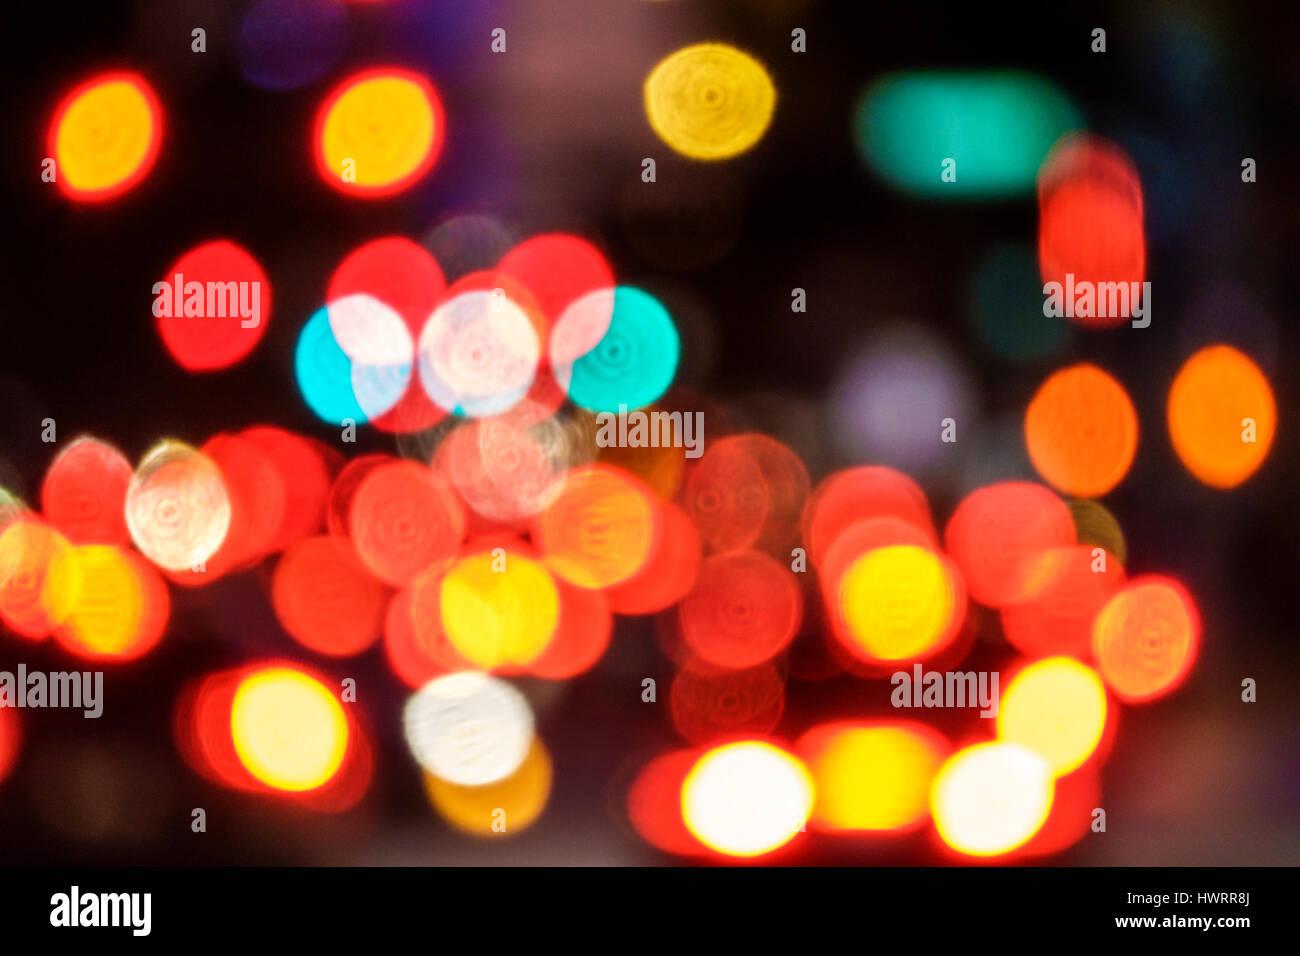 Miami Floride out-of-focus focus blur bokeh feux feux feux arrière rouge effet visuel Photo Stock